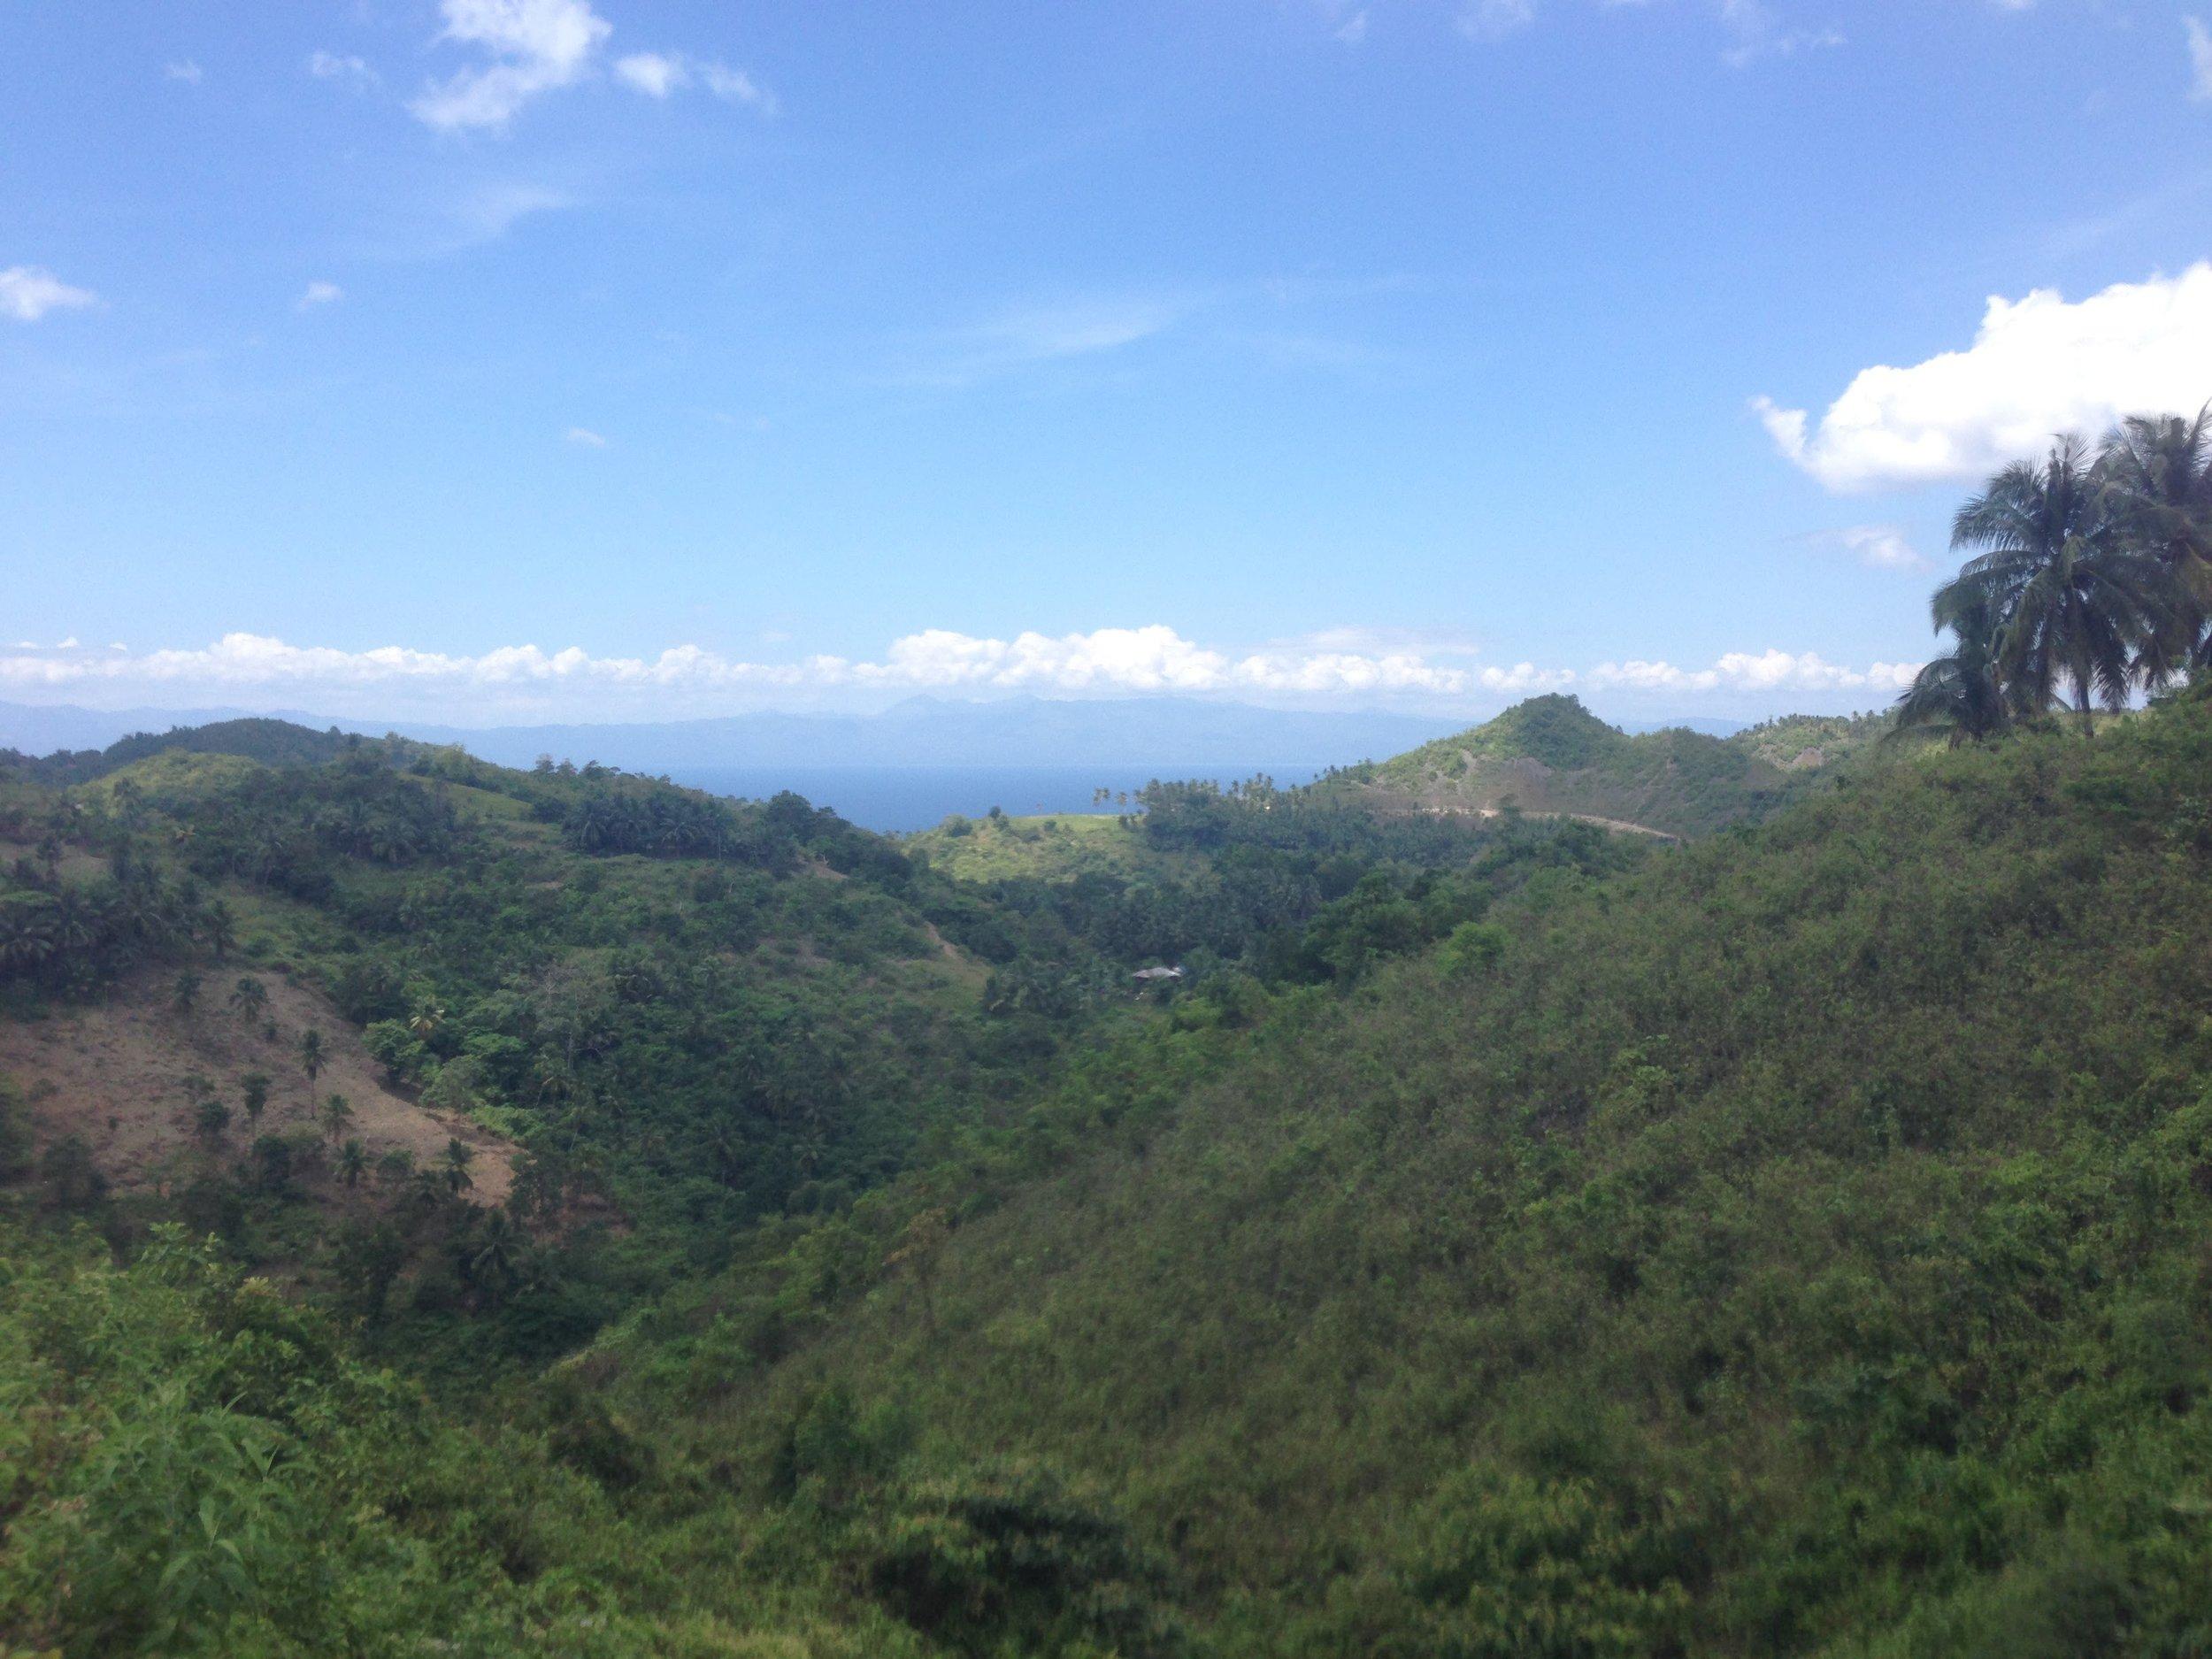 Canyoneering Kawasa waterfall Philippines - 3